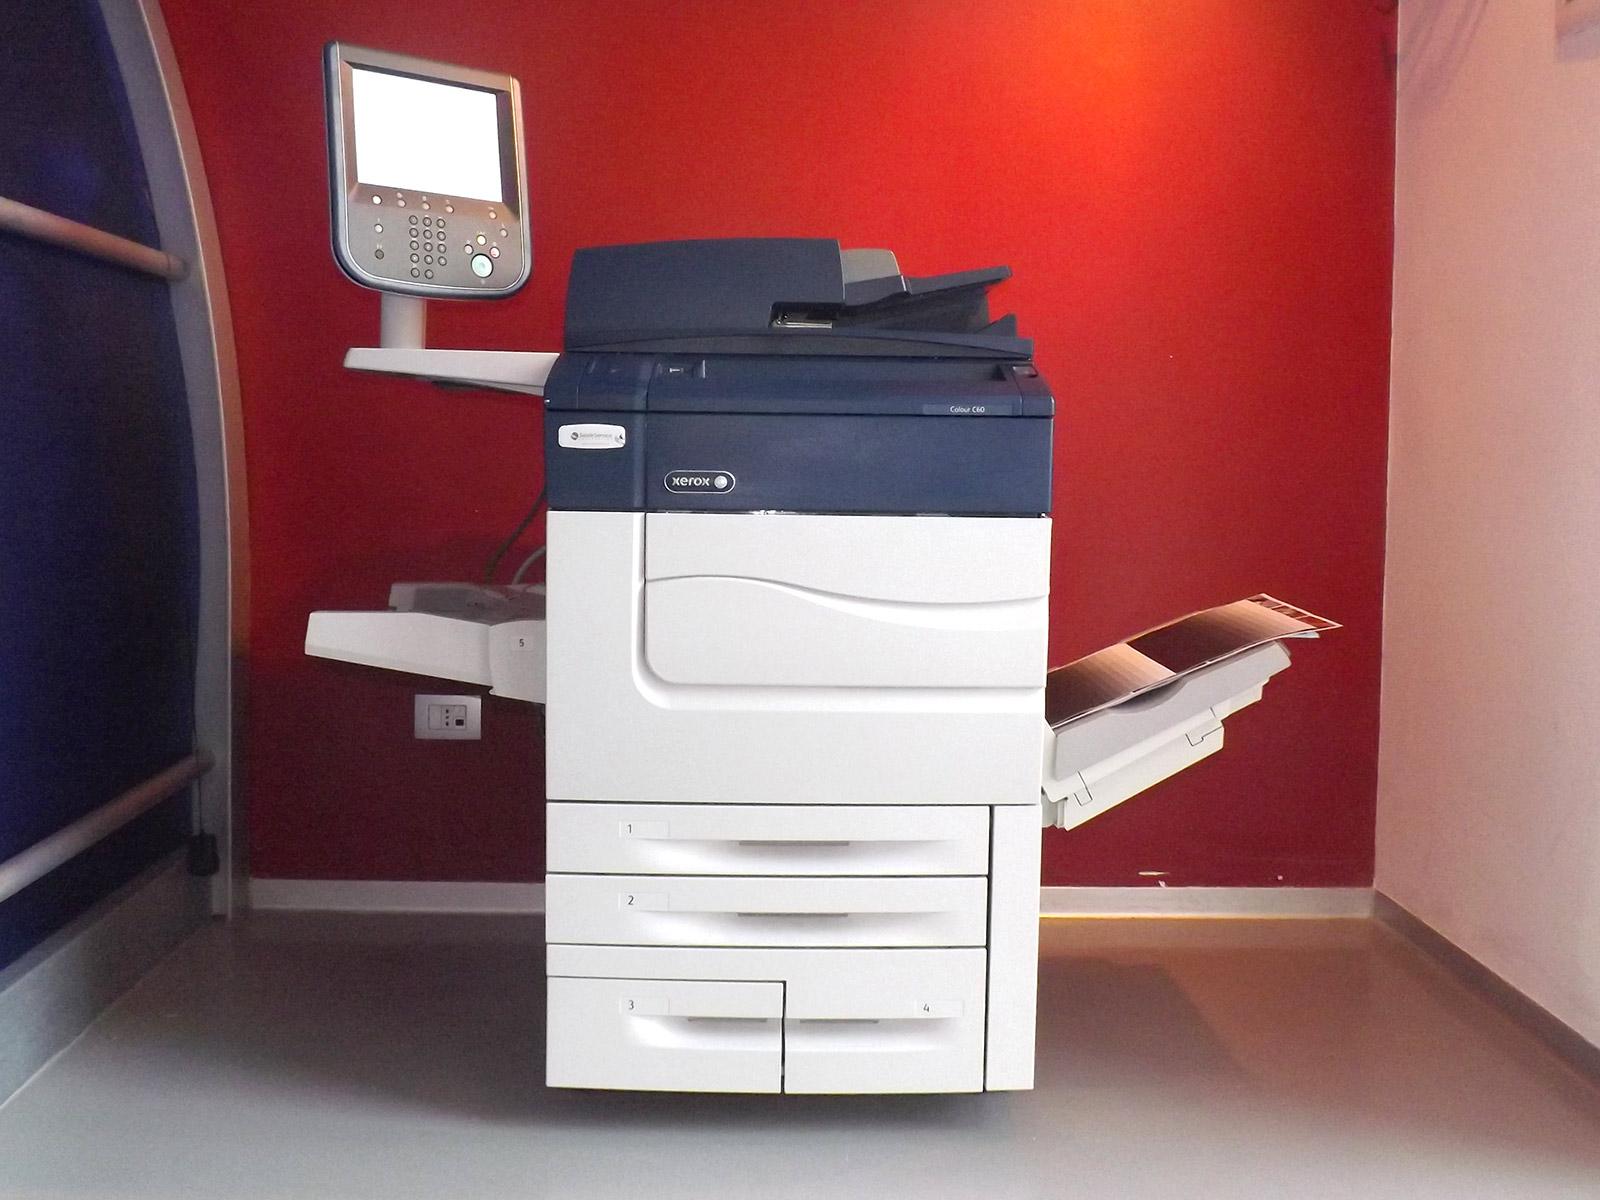 Xerox Colour C60 VA - Usato garantito Xerox - Fronte